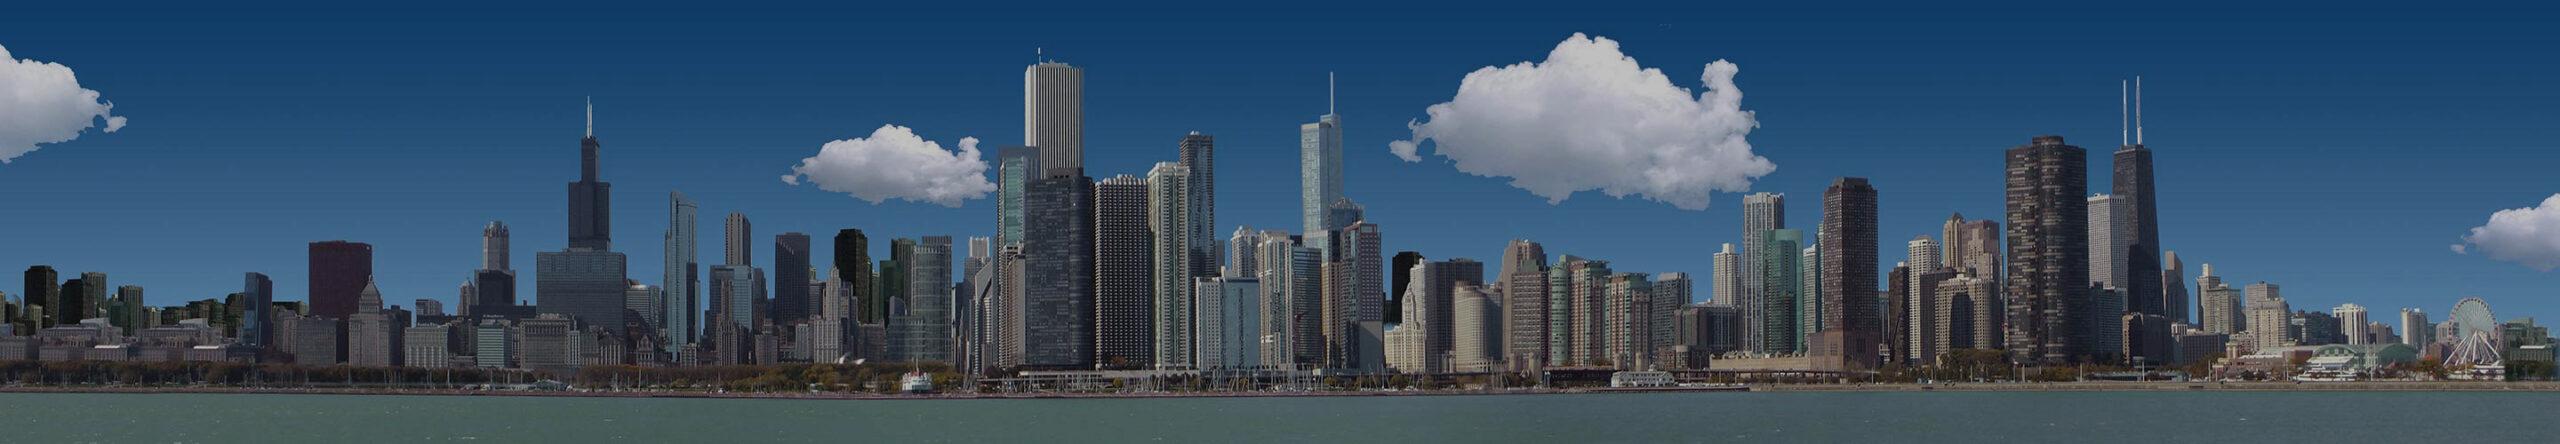 Bastelvorlage Chicago - Architektur basteln - Panorama Chicago - Skyline Chicago - Wolkenkratzer Chicago - Hochhäuser Chicago, Illinois, USA